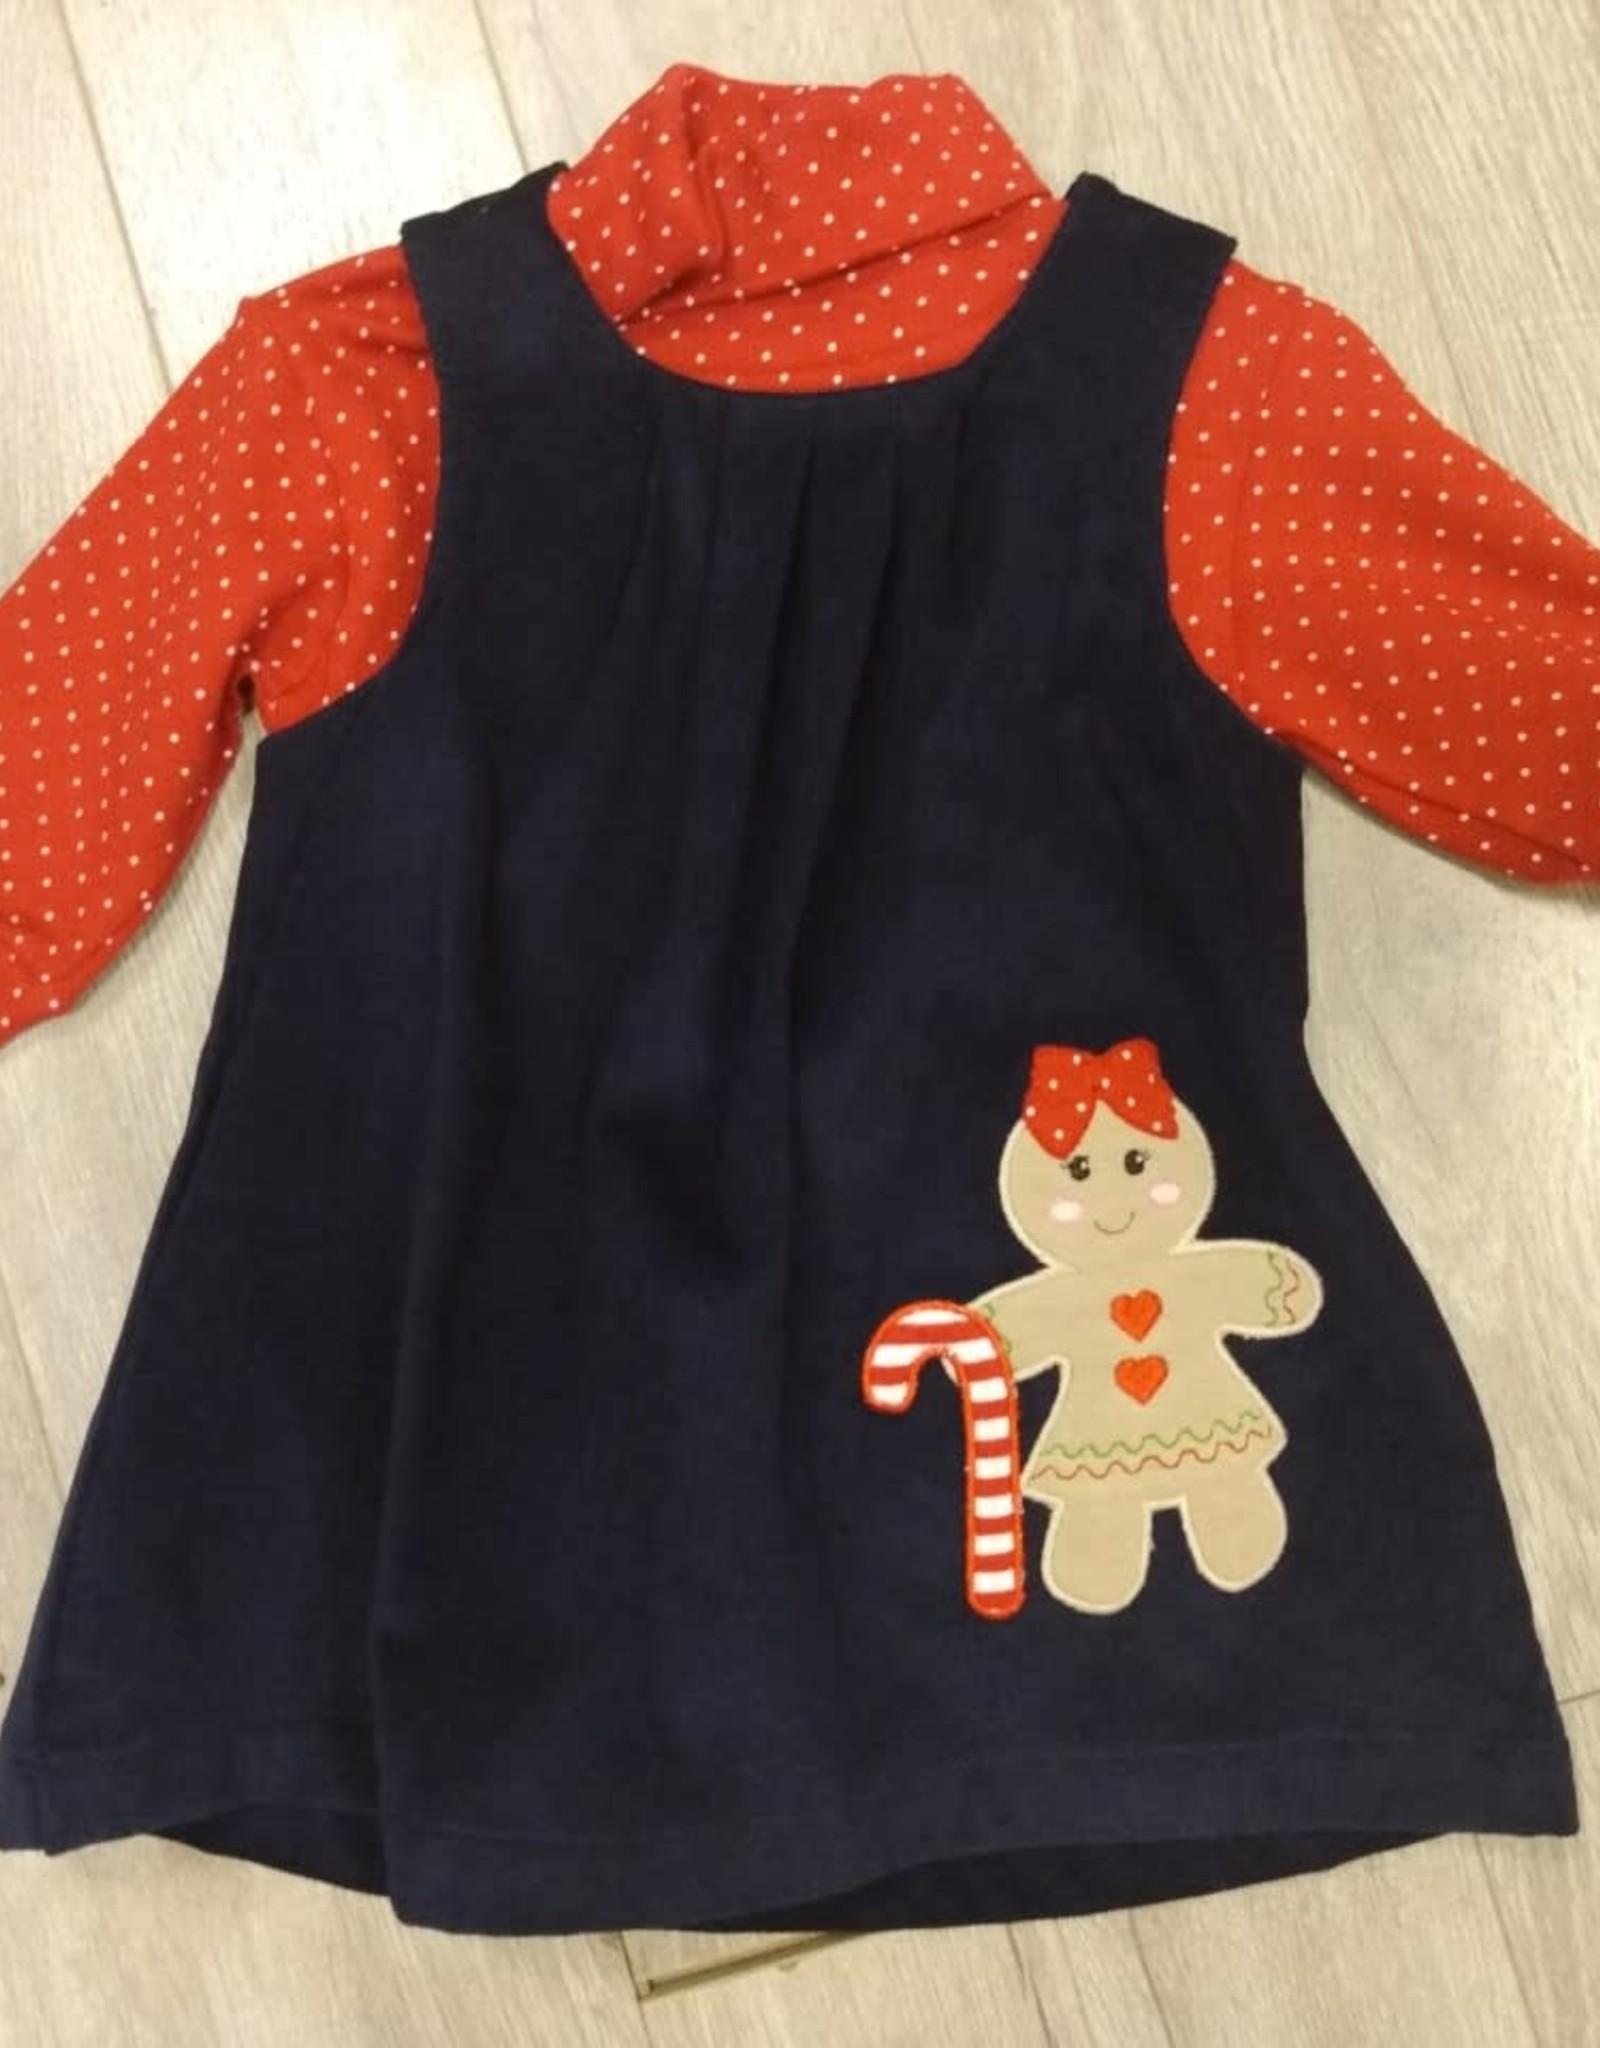 Gingerbread Jmpr